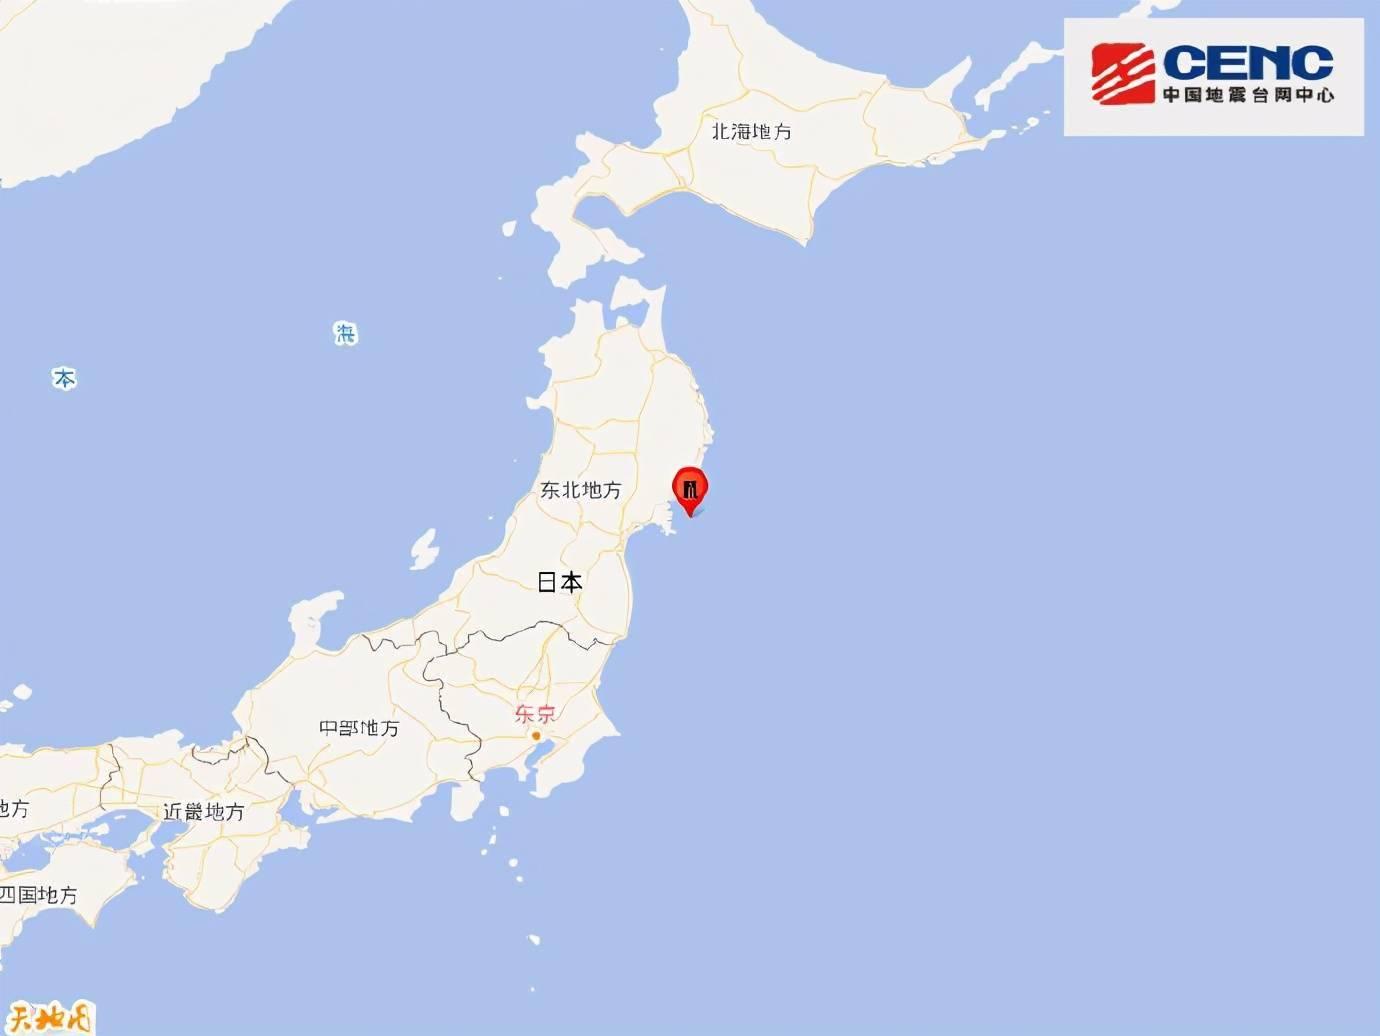 日本本州东岸近海发生5.3级地震,震源深度50千米